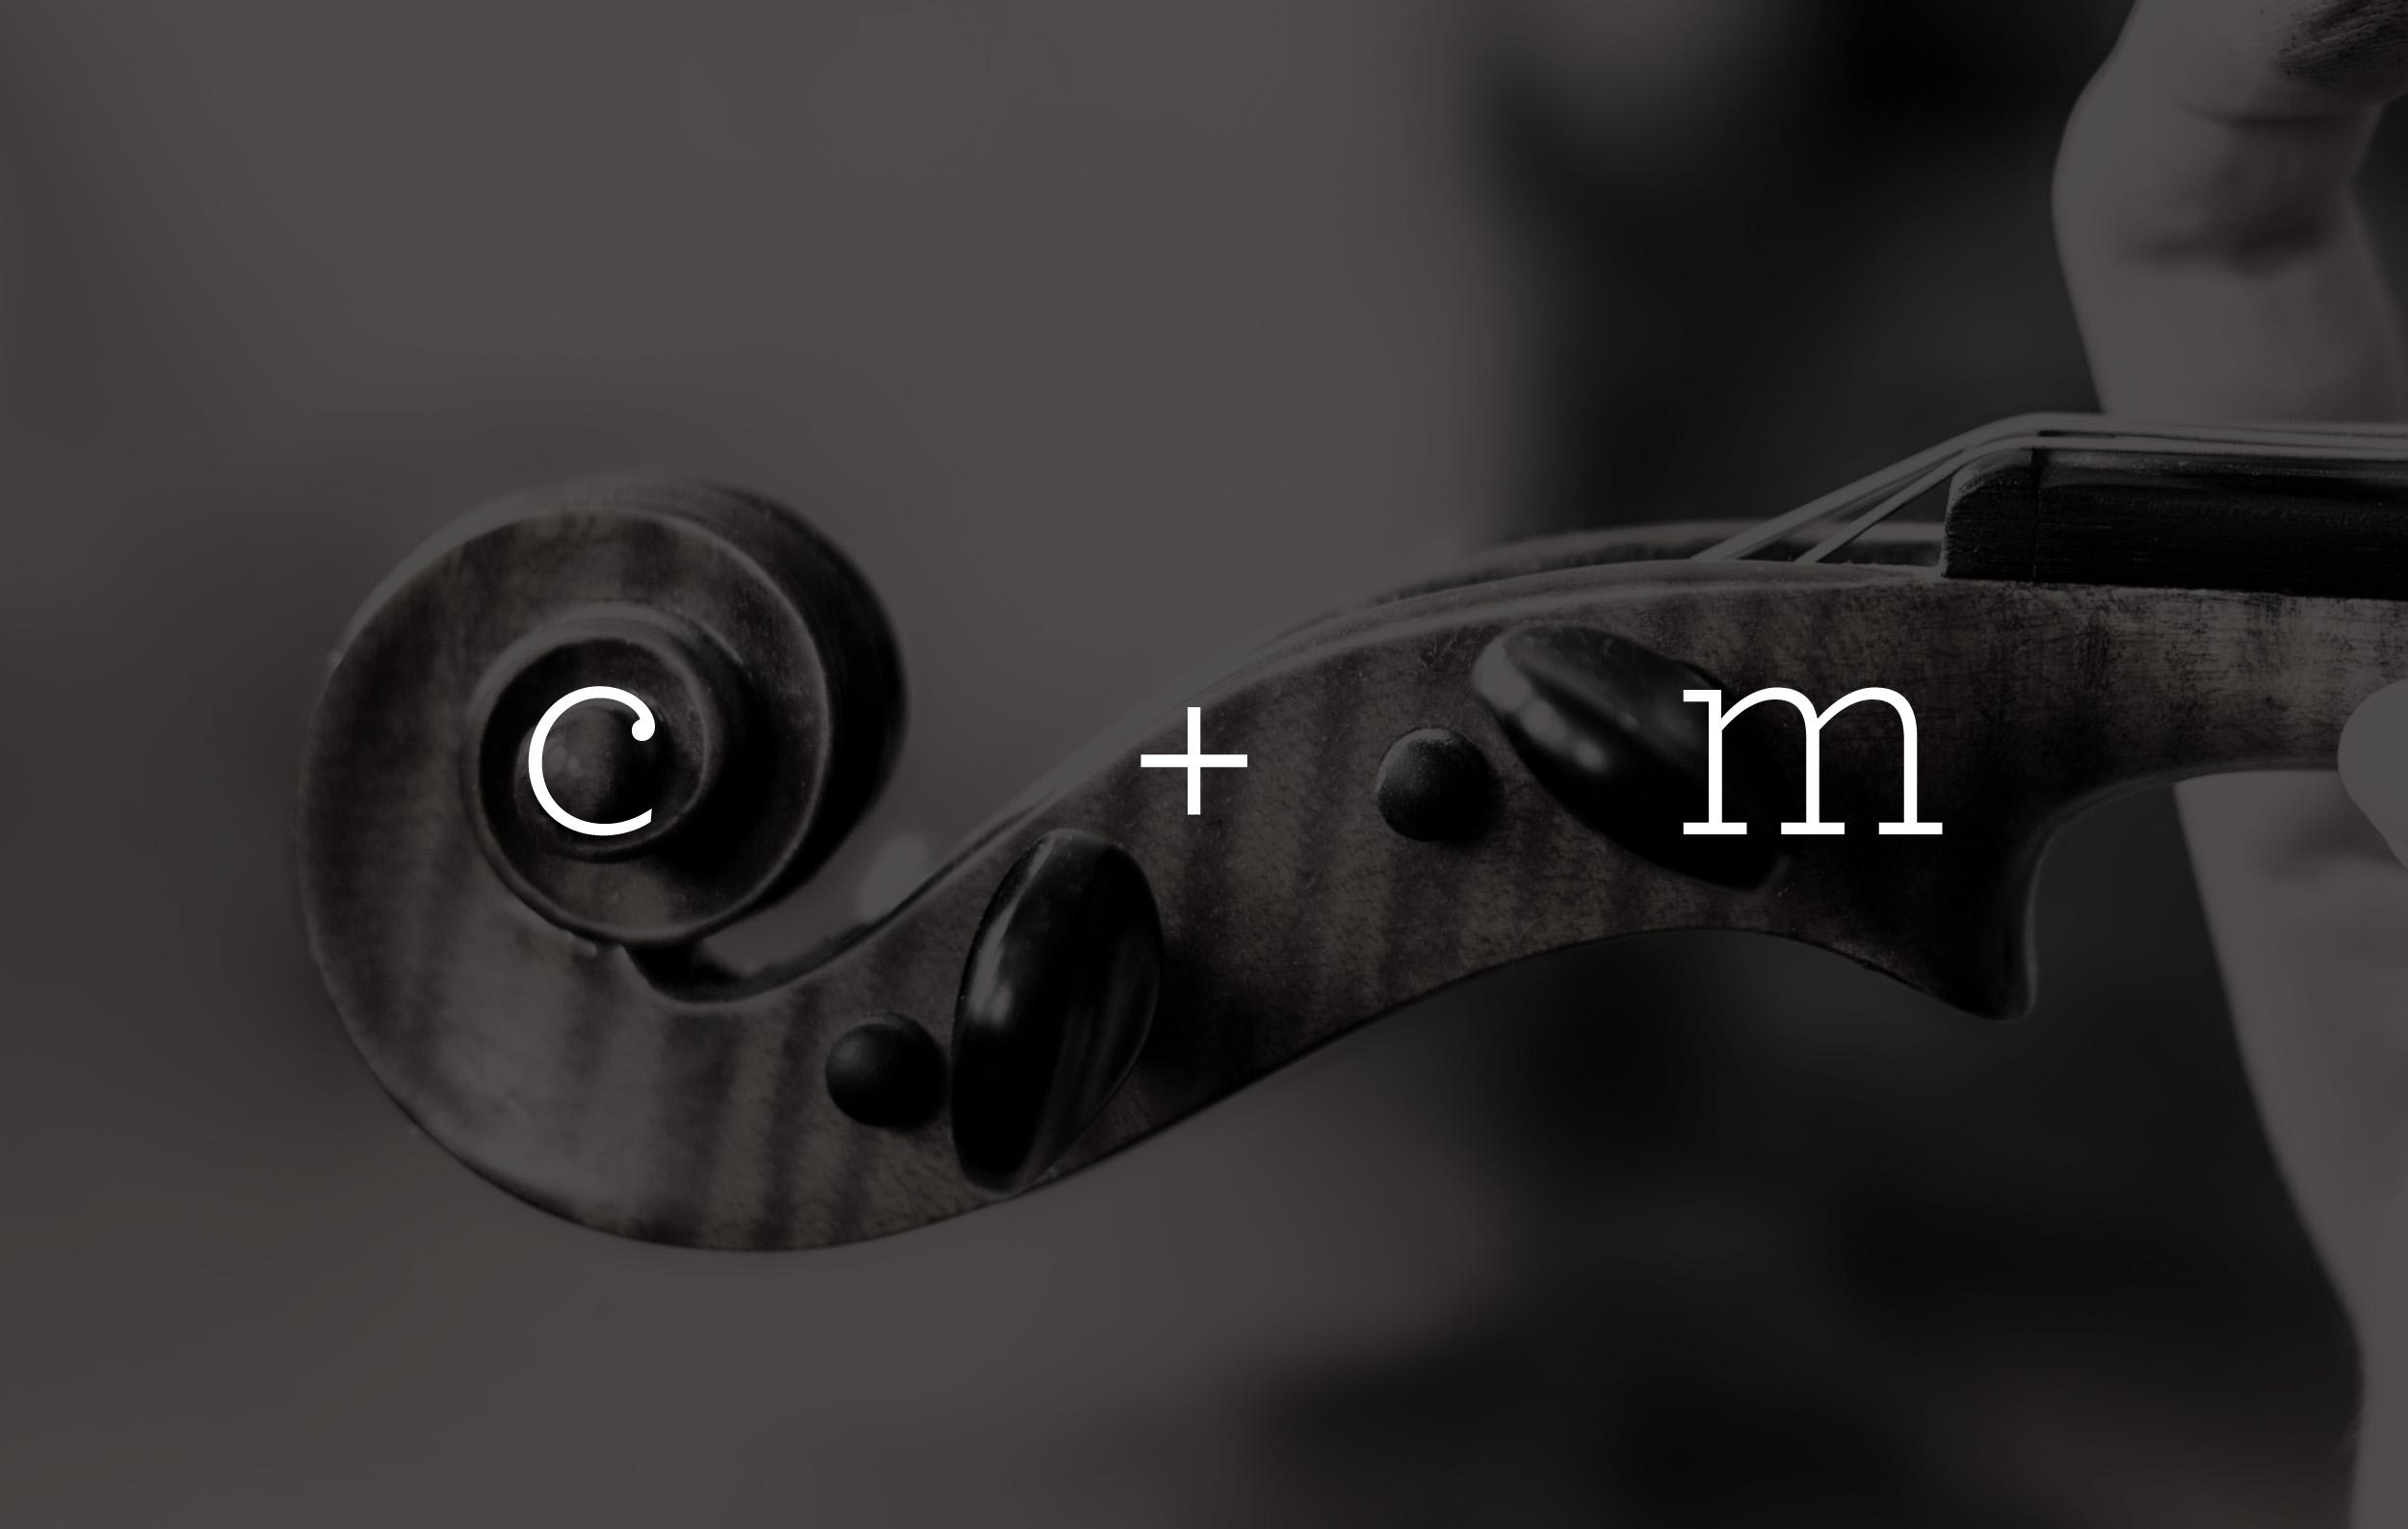 CM_c+m